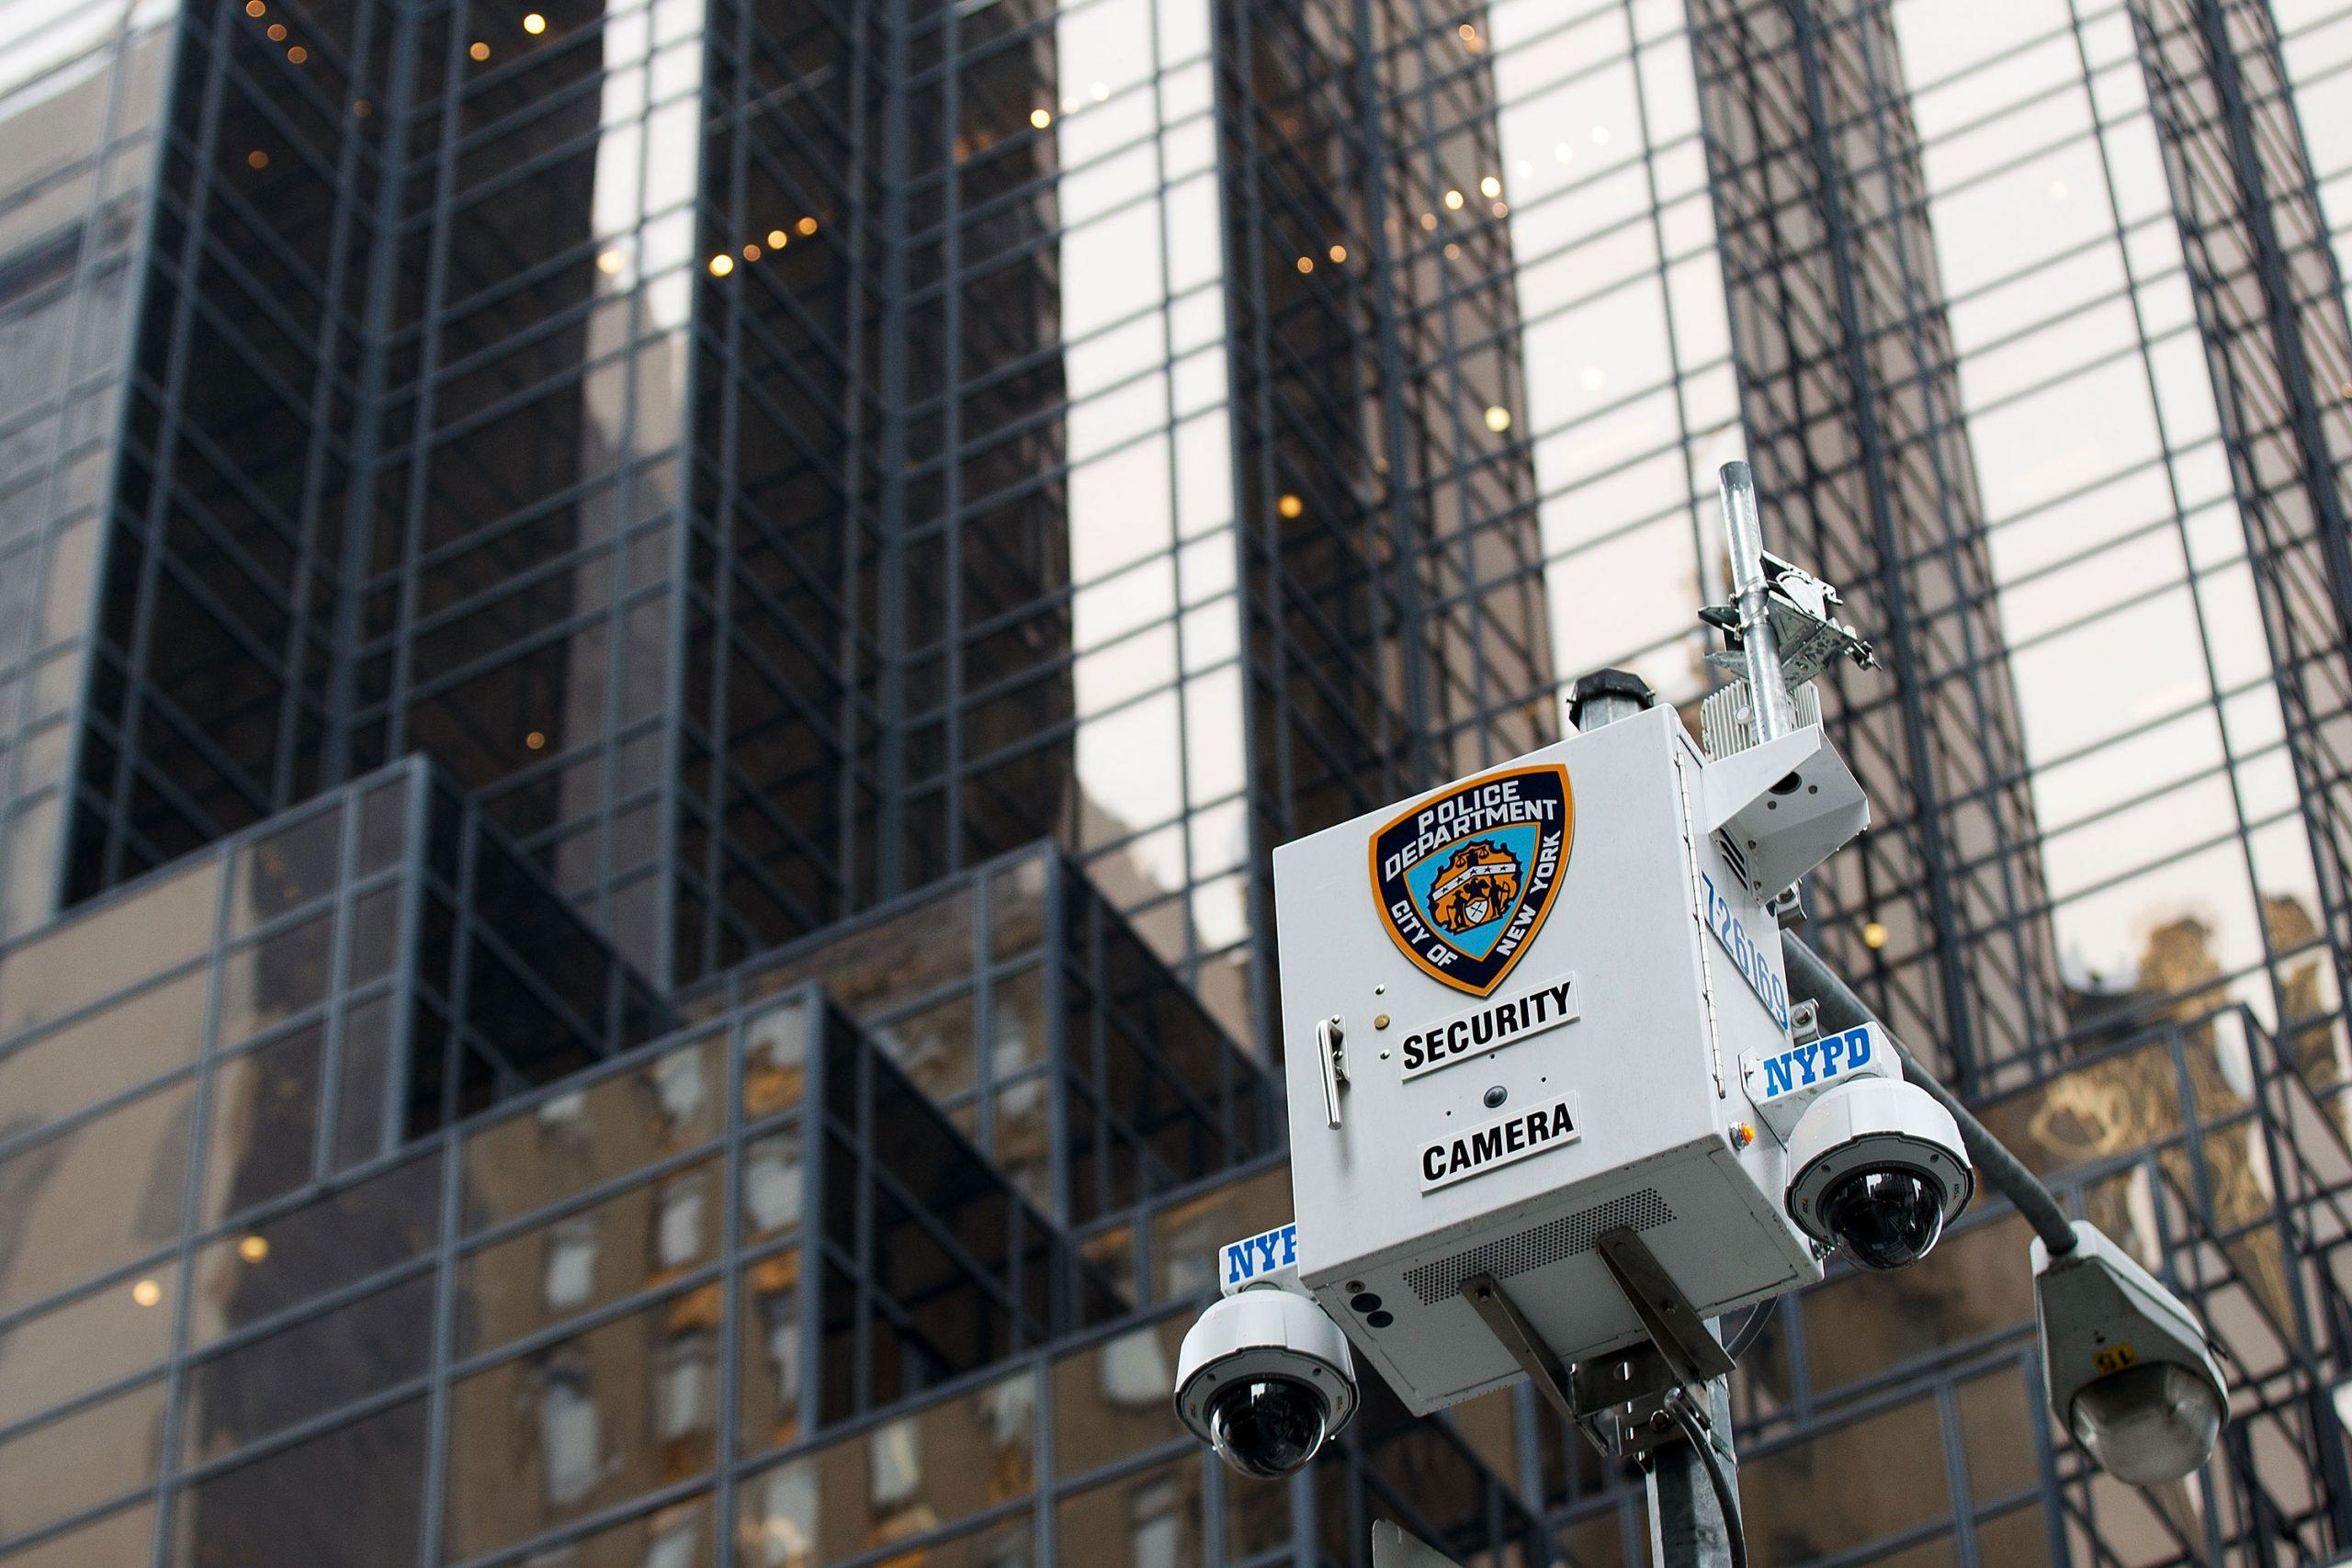 私物スマホで利用も NY市警と顔認識企業の深い関係明らかに